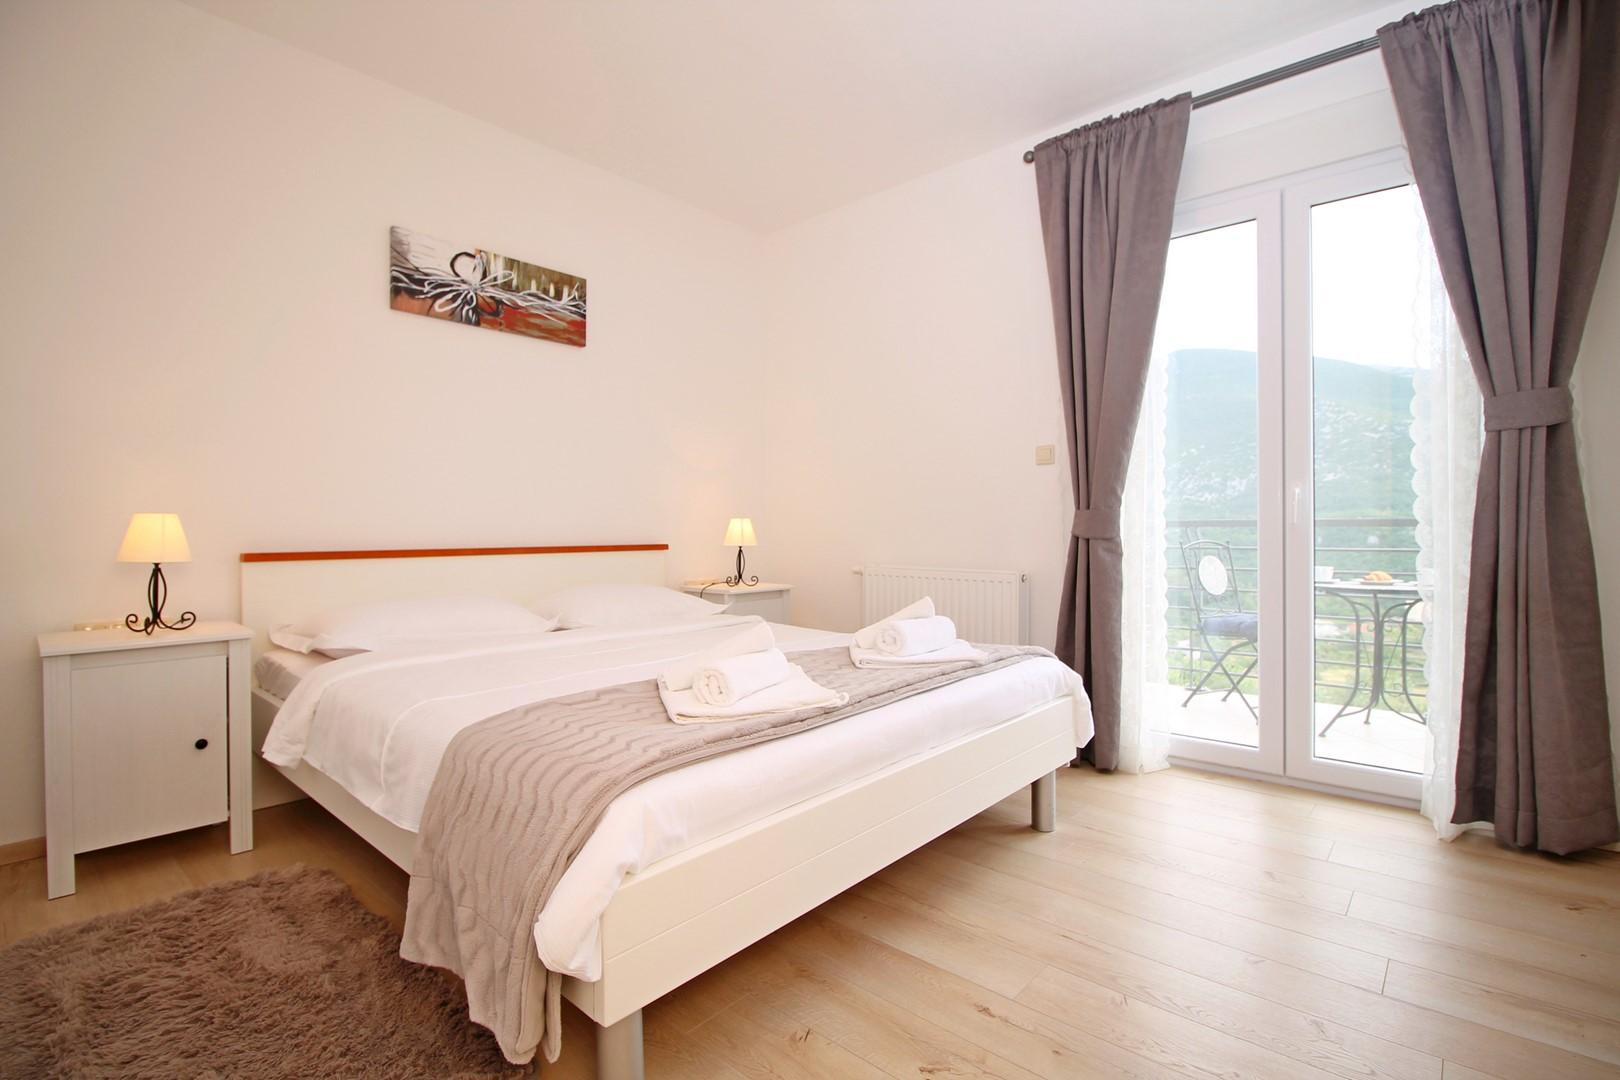 Ferienhaus Privater Pool 3,5 x 8,6 m, überdachter Essbereich im Freien, kostenloses WLAN, voll - klim (2663850), Kostanje, , Dalmatien, Kroatien, Bild 17